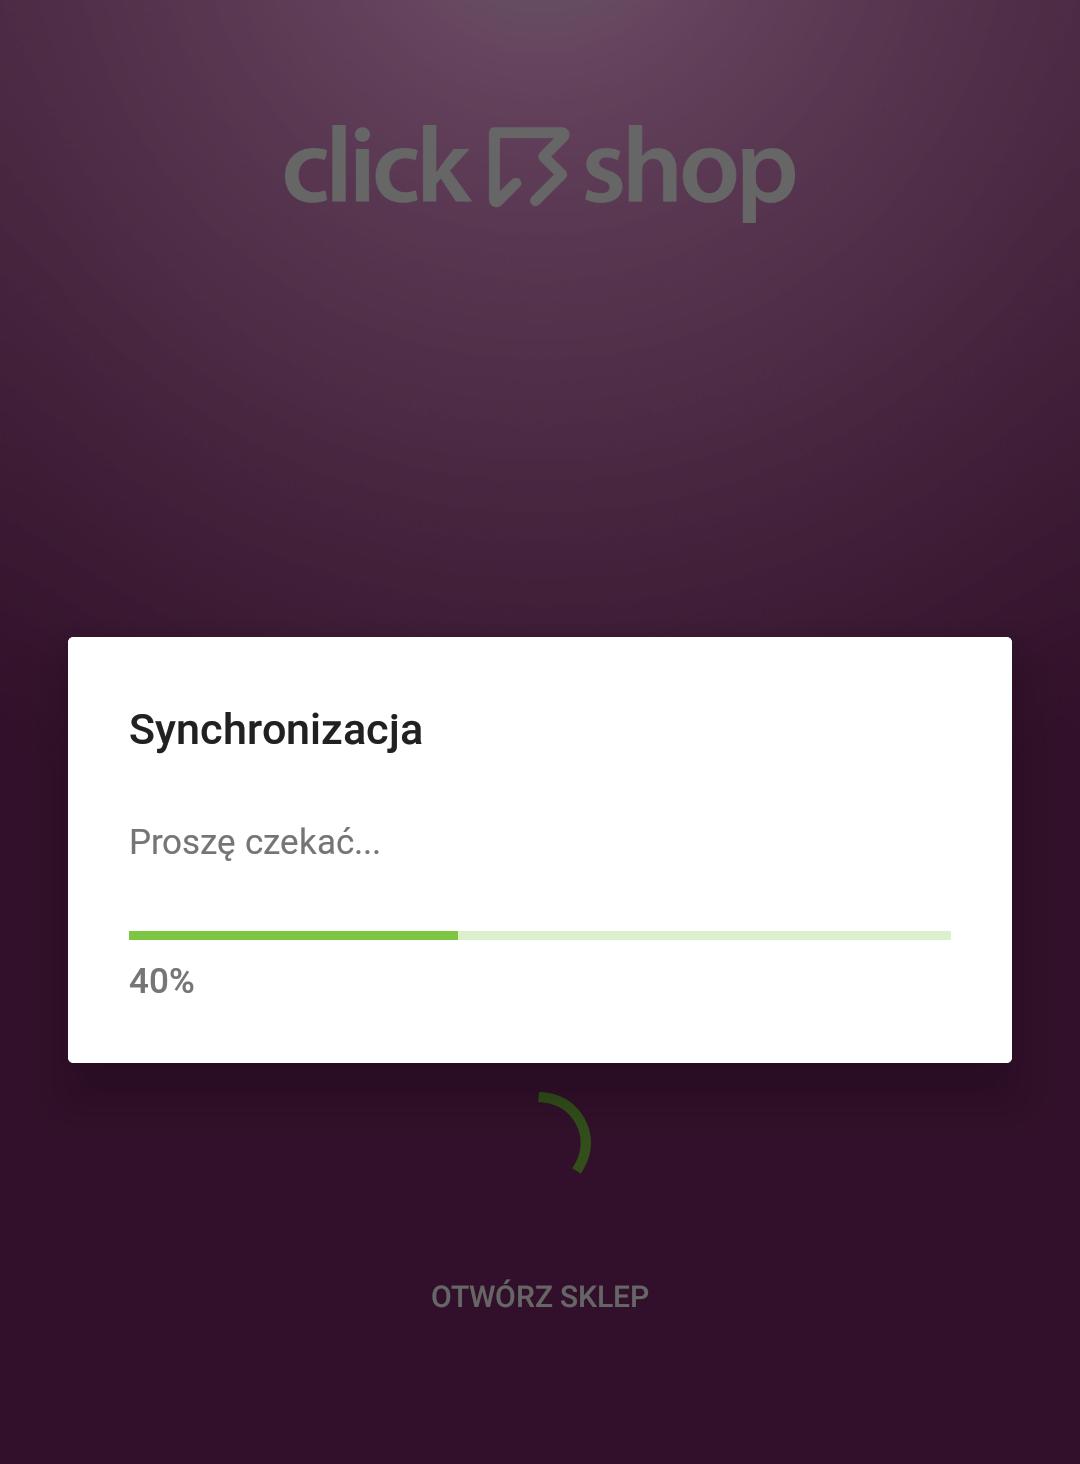 Sklep internetowy - Aplikacja mobilna - Synchronizacja - Ładowanie